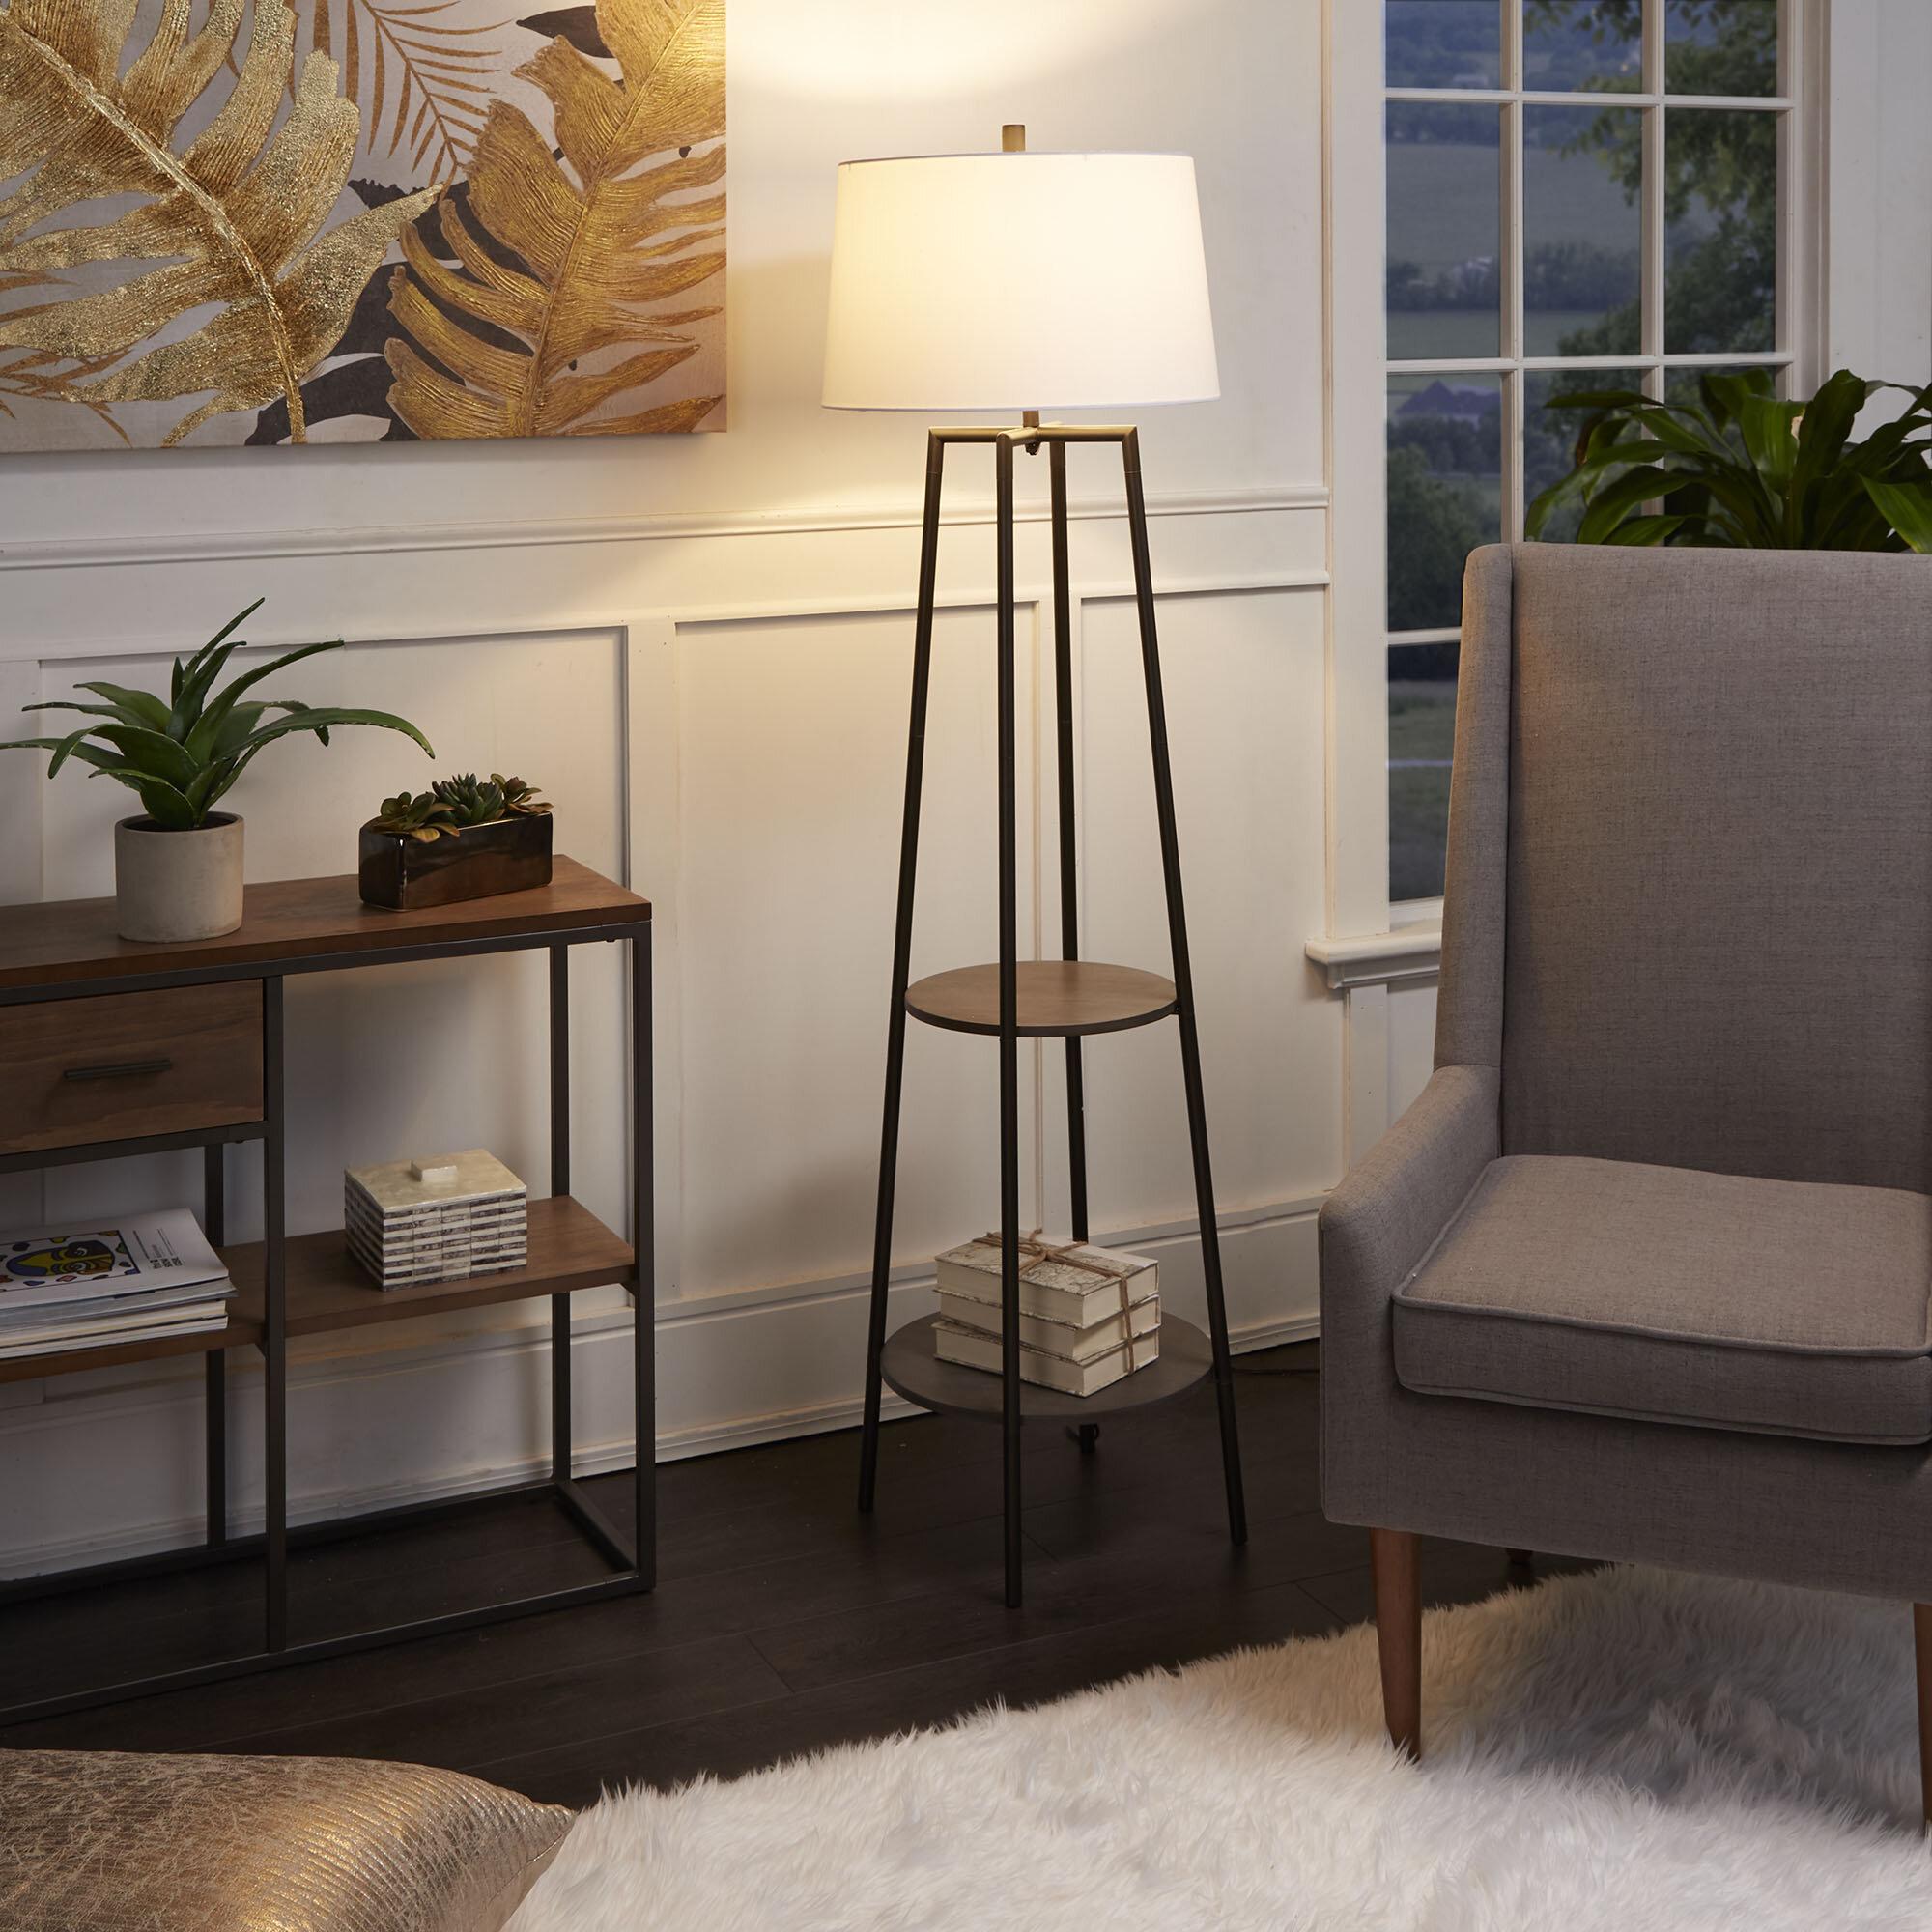 Brayden Studio Bart Floor Lamp With